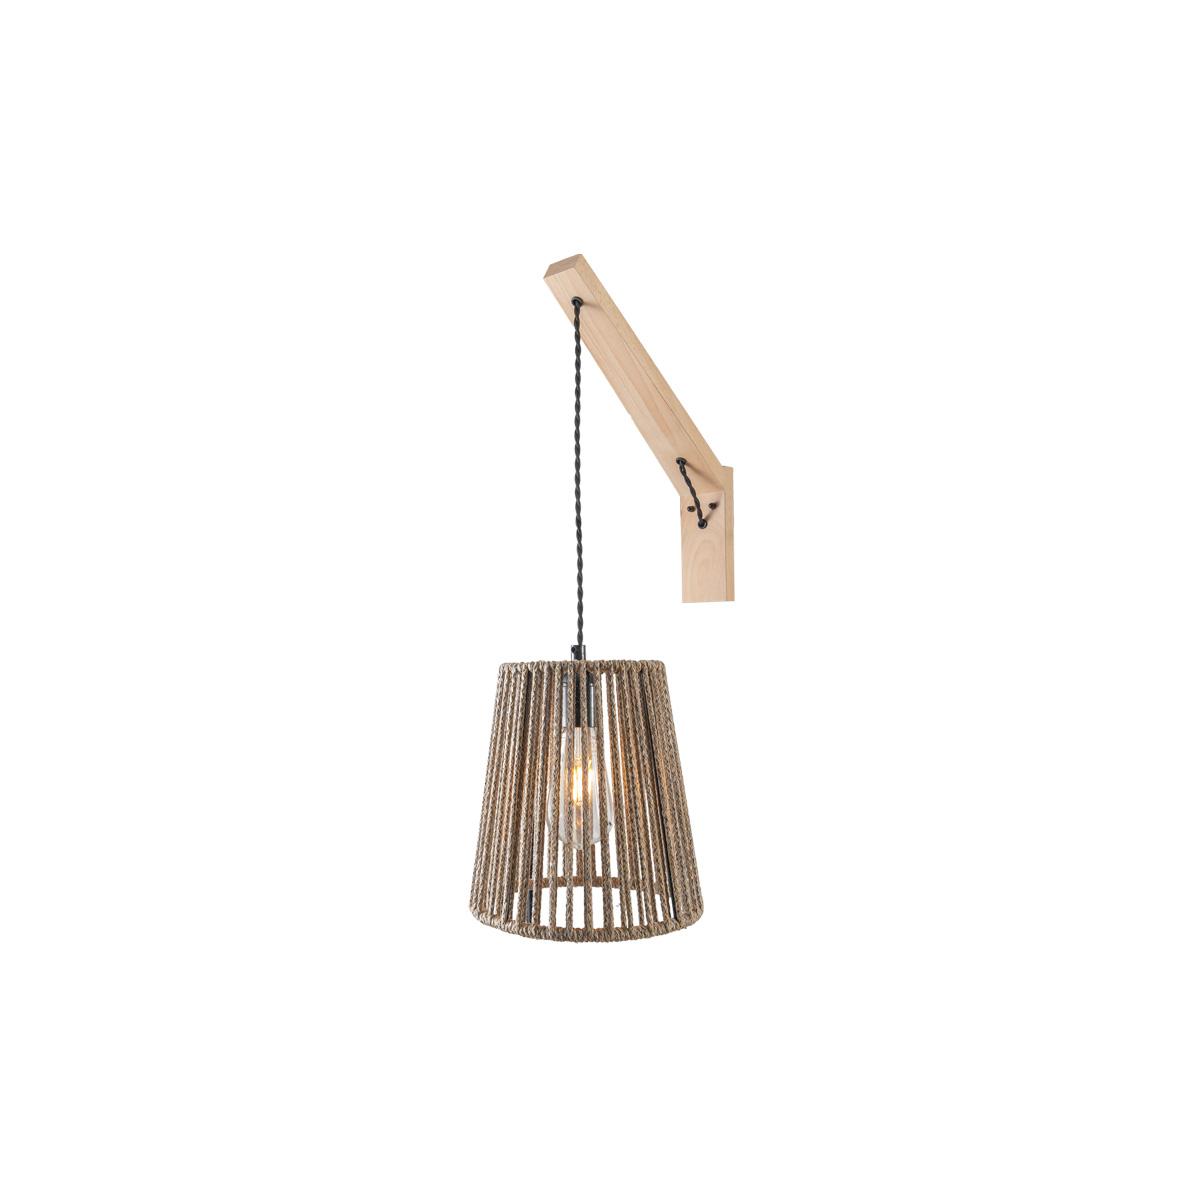 Απλίκα με ξύλινη βάση CORD wall lamp with wooden base